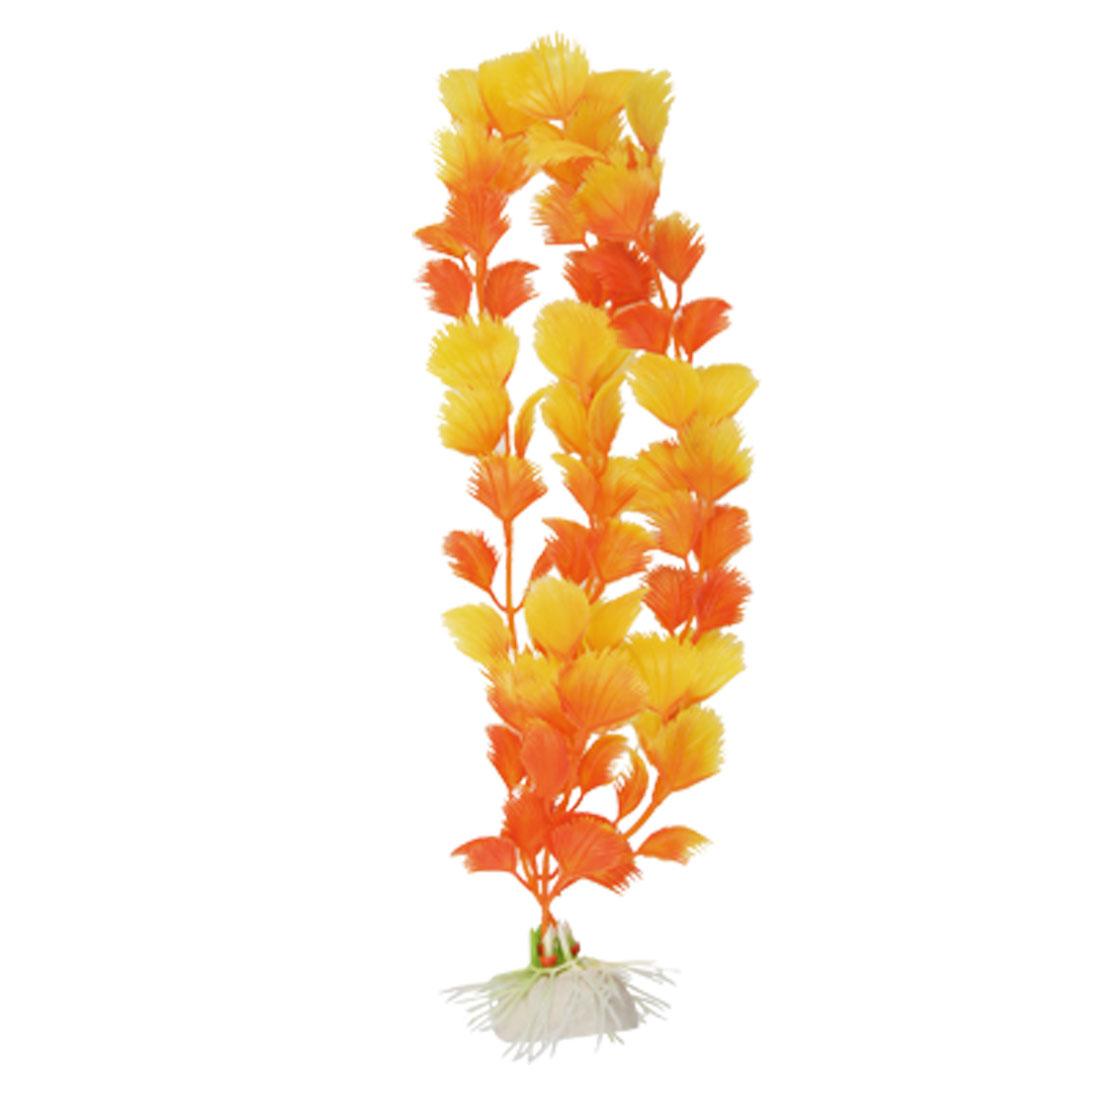 Orange Plastic Plants Underwater Ornament Decor for Aquarium